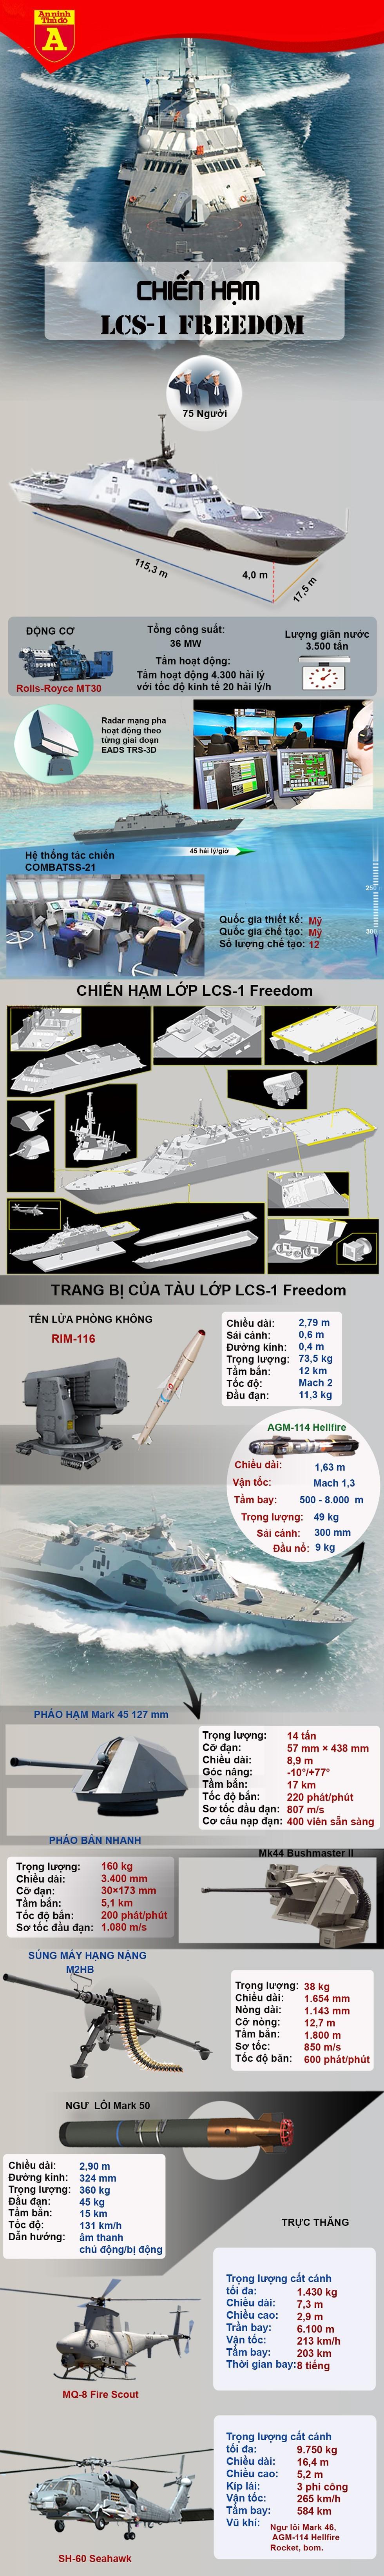 [Info] Lý do bất ngờ của việc Mỹ loại biên siêu hạm mới chỉ có 6 năm tuổi ảnh 2